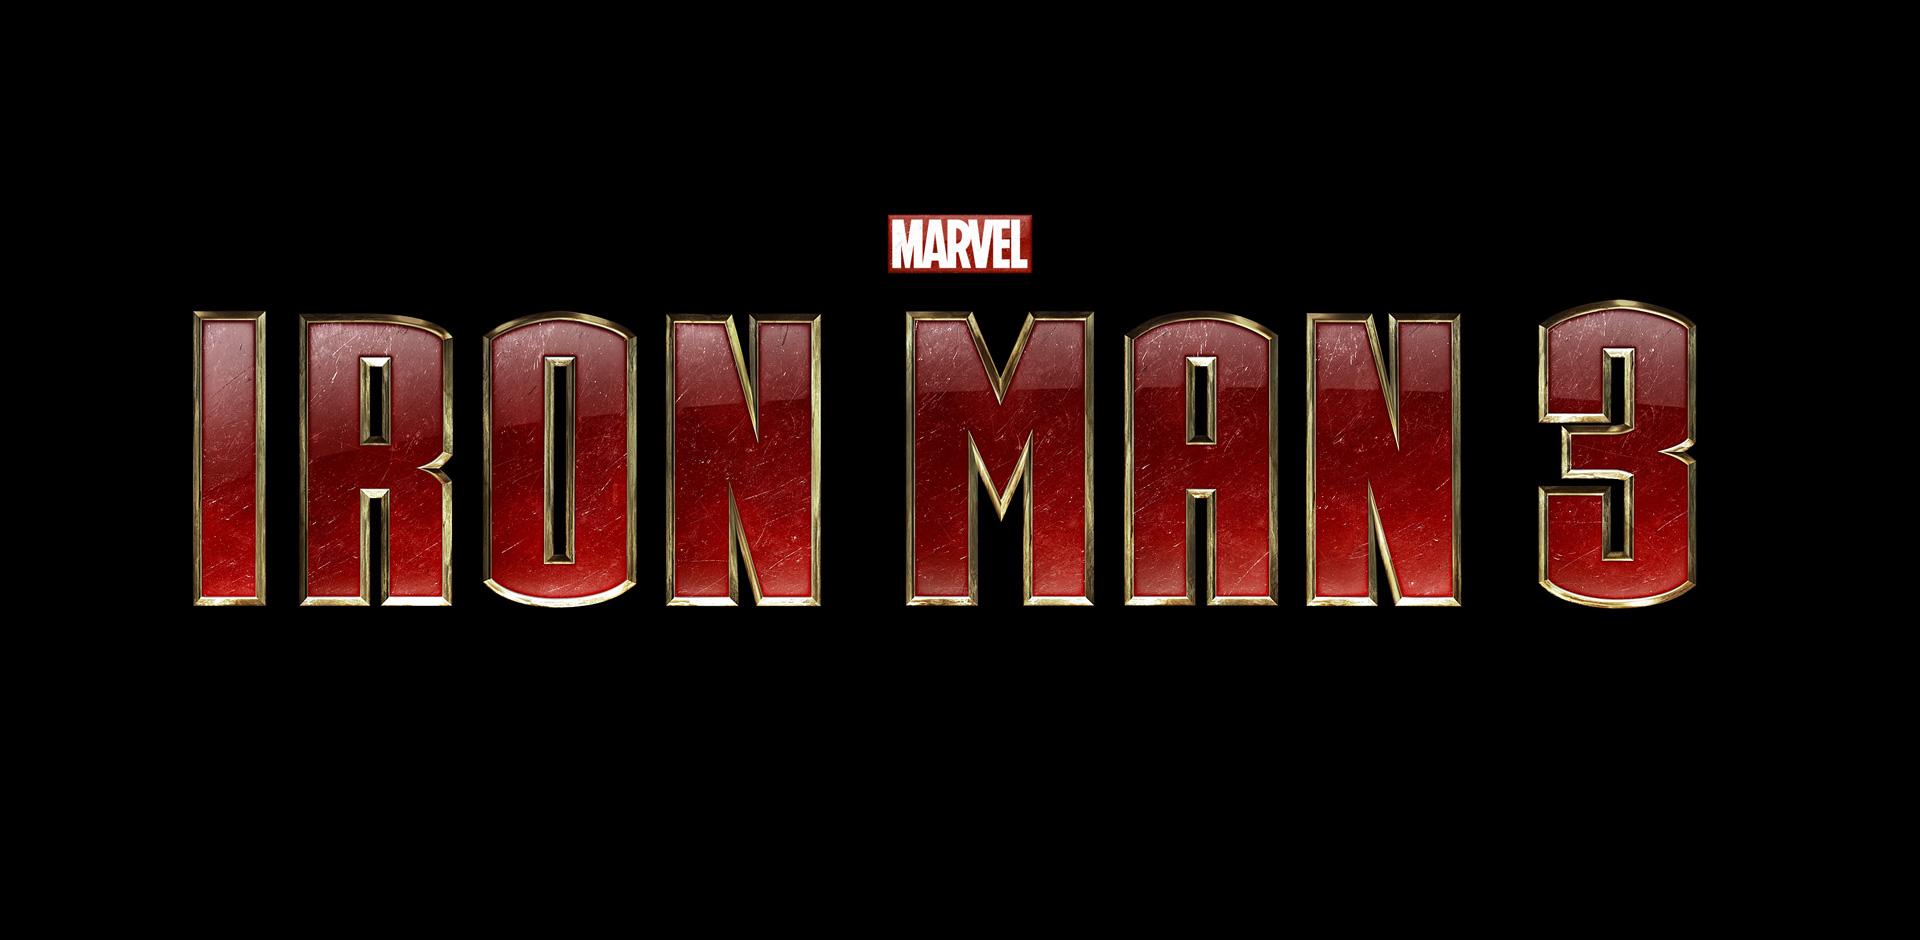 Iron Man 3 logo - blackfilm.com/read   blackfilm.com/read